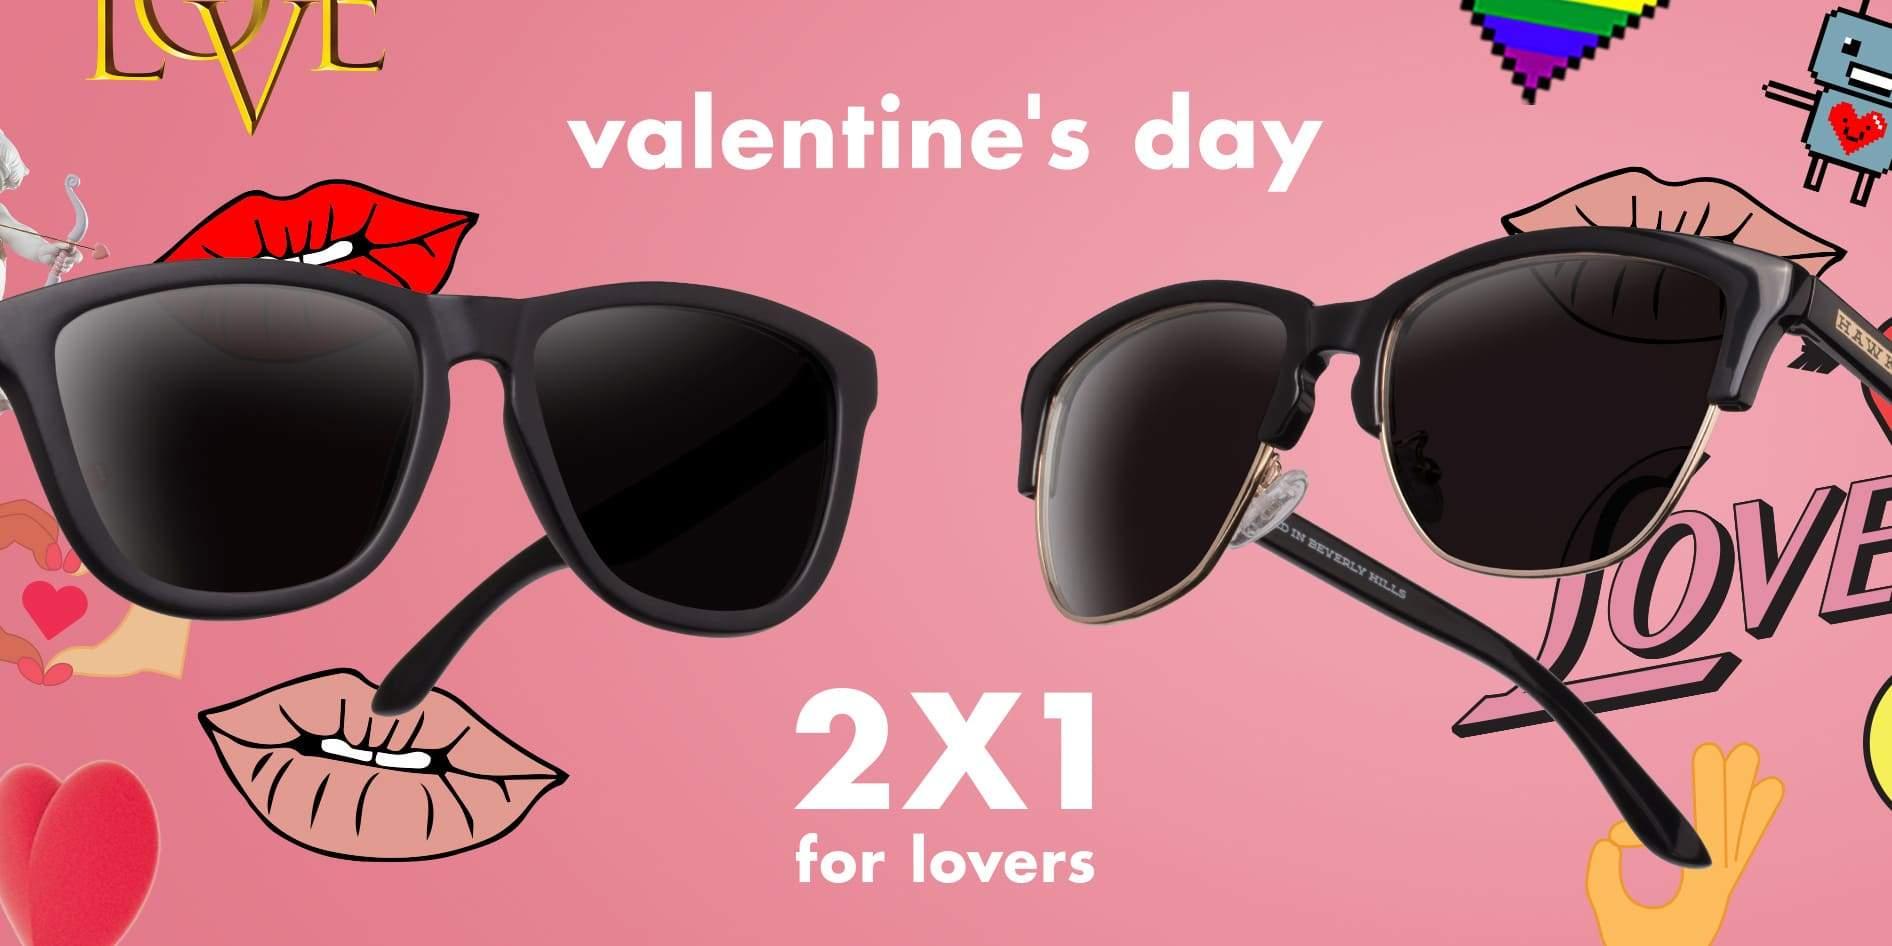 2×1 en Hawkers por San Valentín: Llévate 2 pares de gafas de sol y paga sólo 1